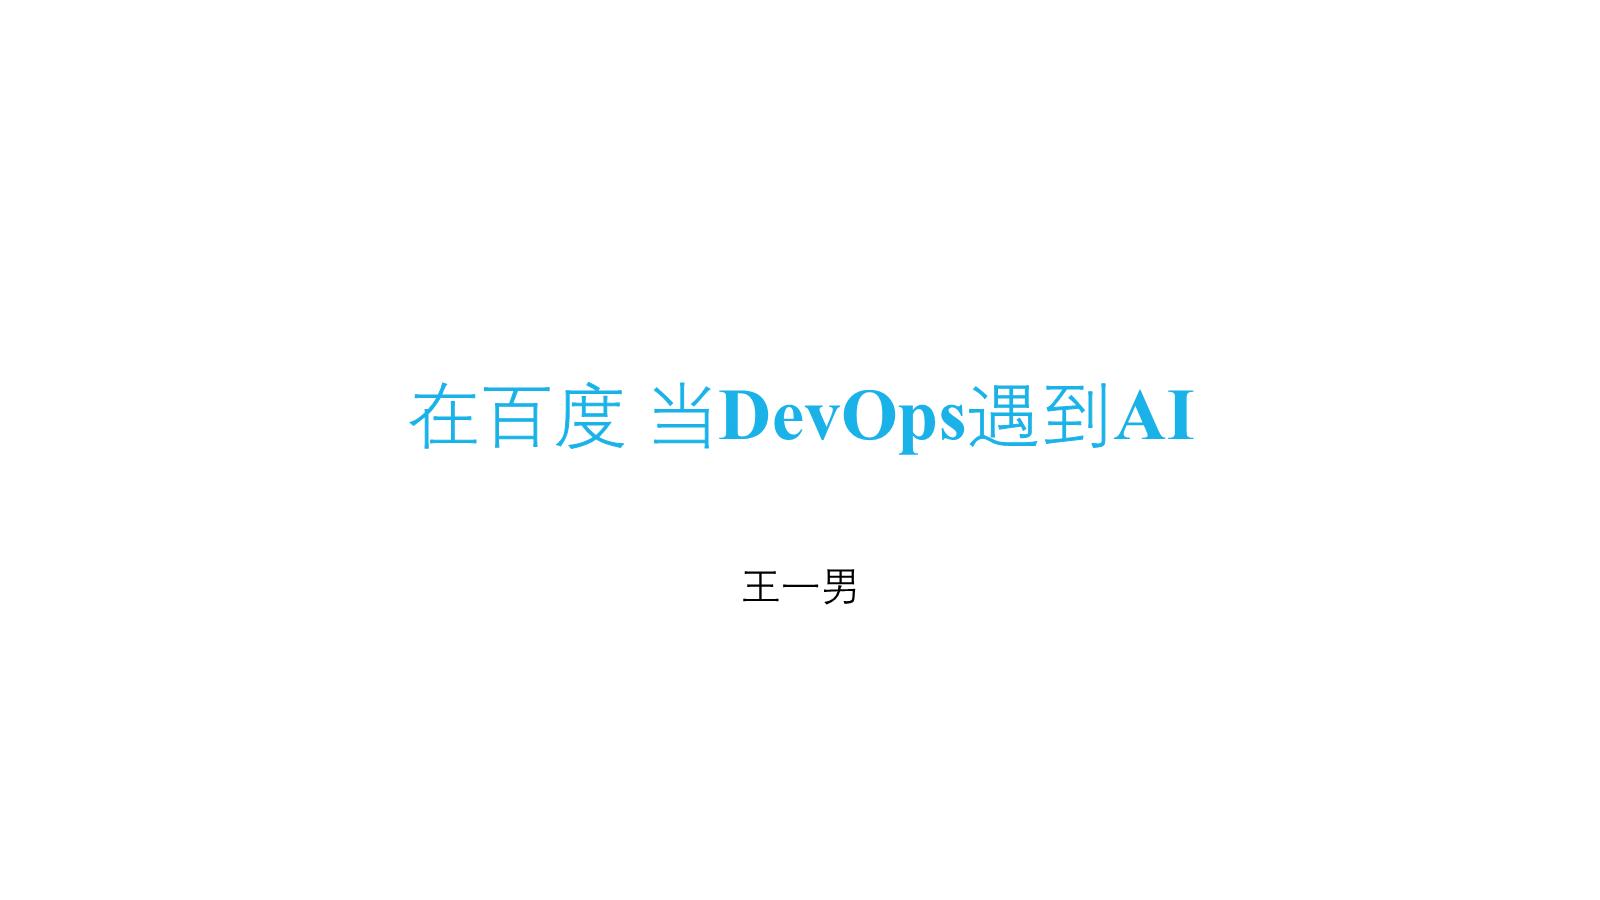 王一男-在百度当DevOps遇到AI